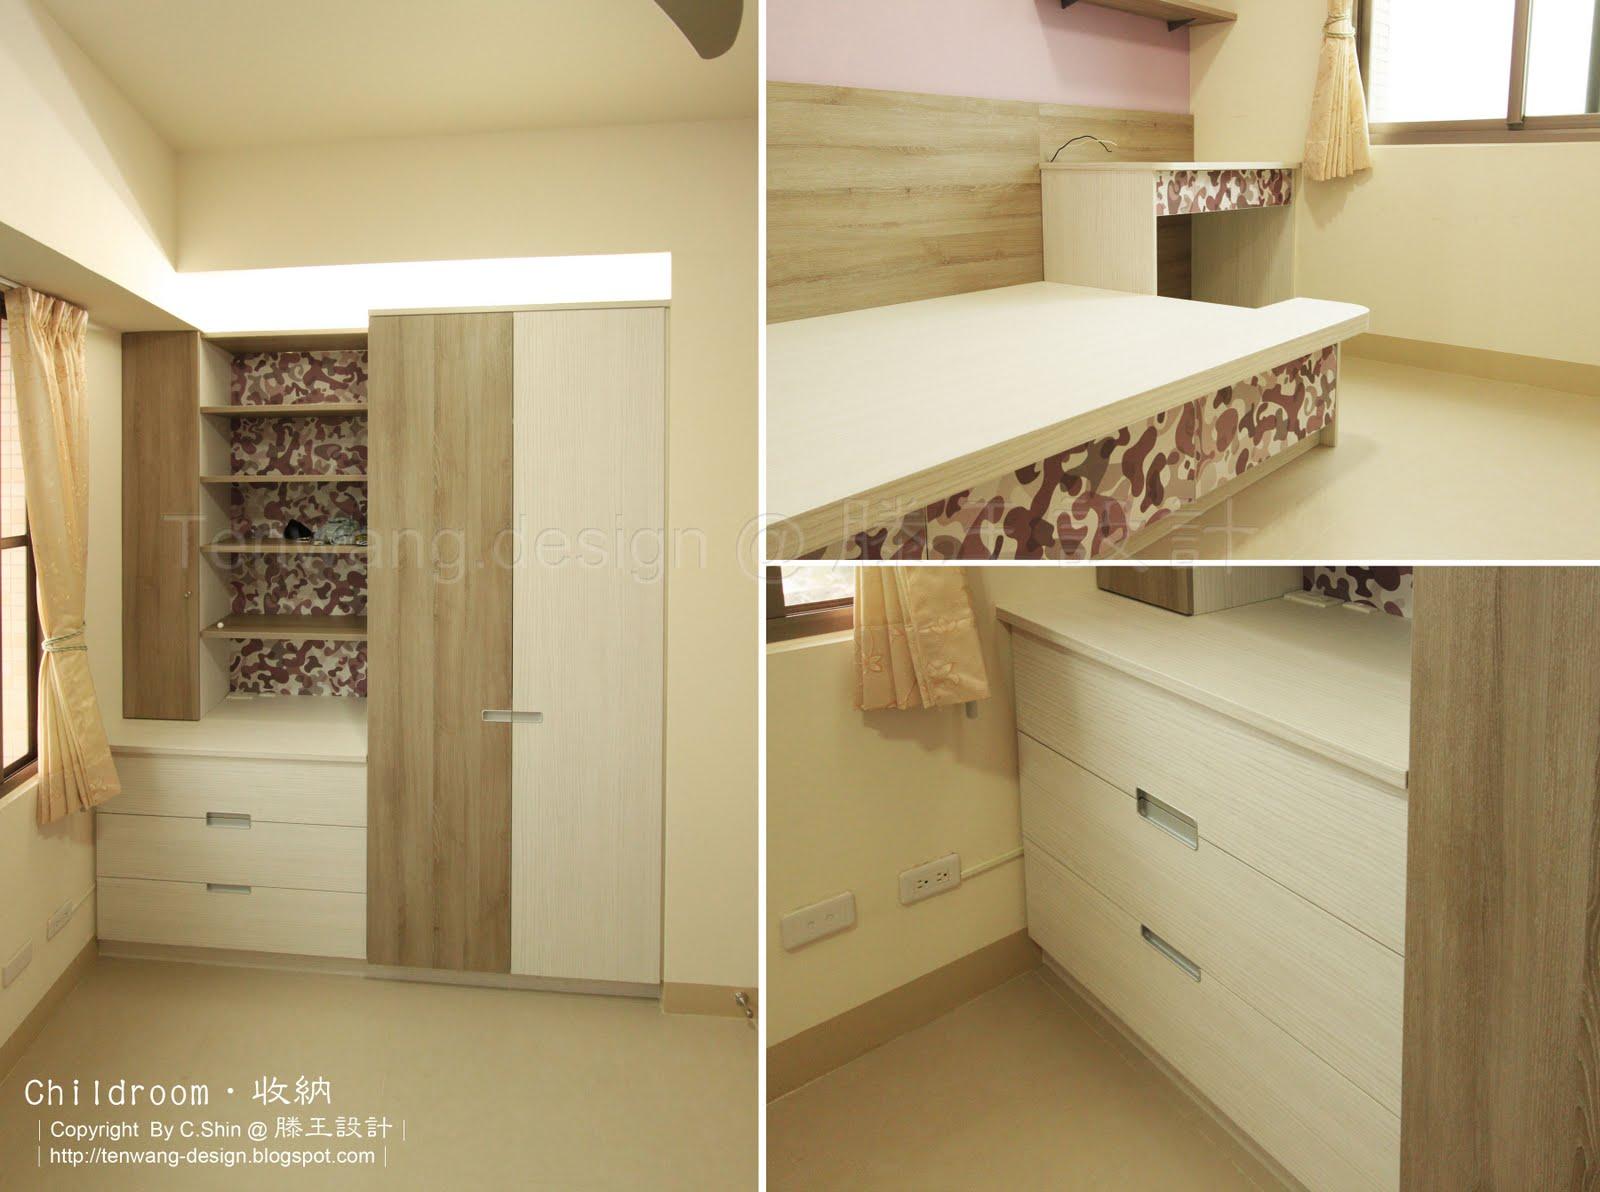 滕王室內設計工作室: 系統櫃規劃兒童房案例